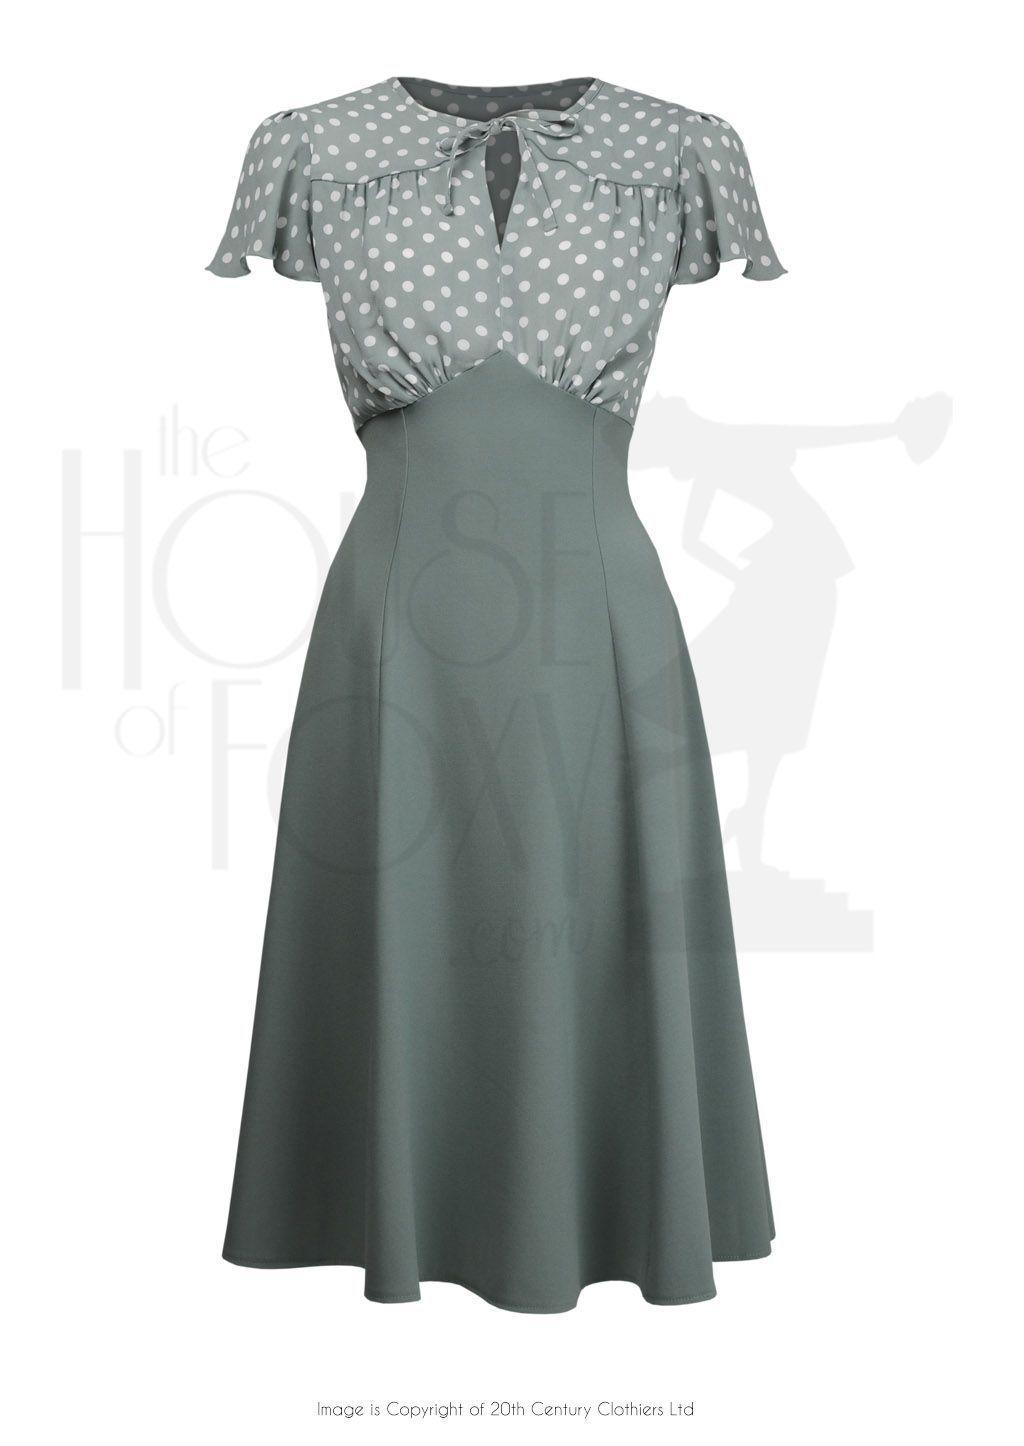 Popular Vintage Fashion Styles  Kleider, Kleidung, Vintage kleider